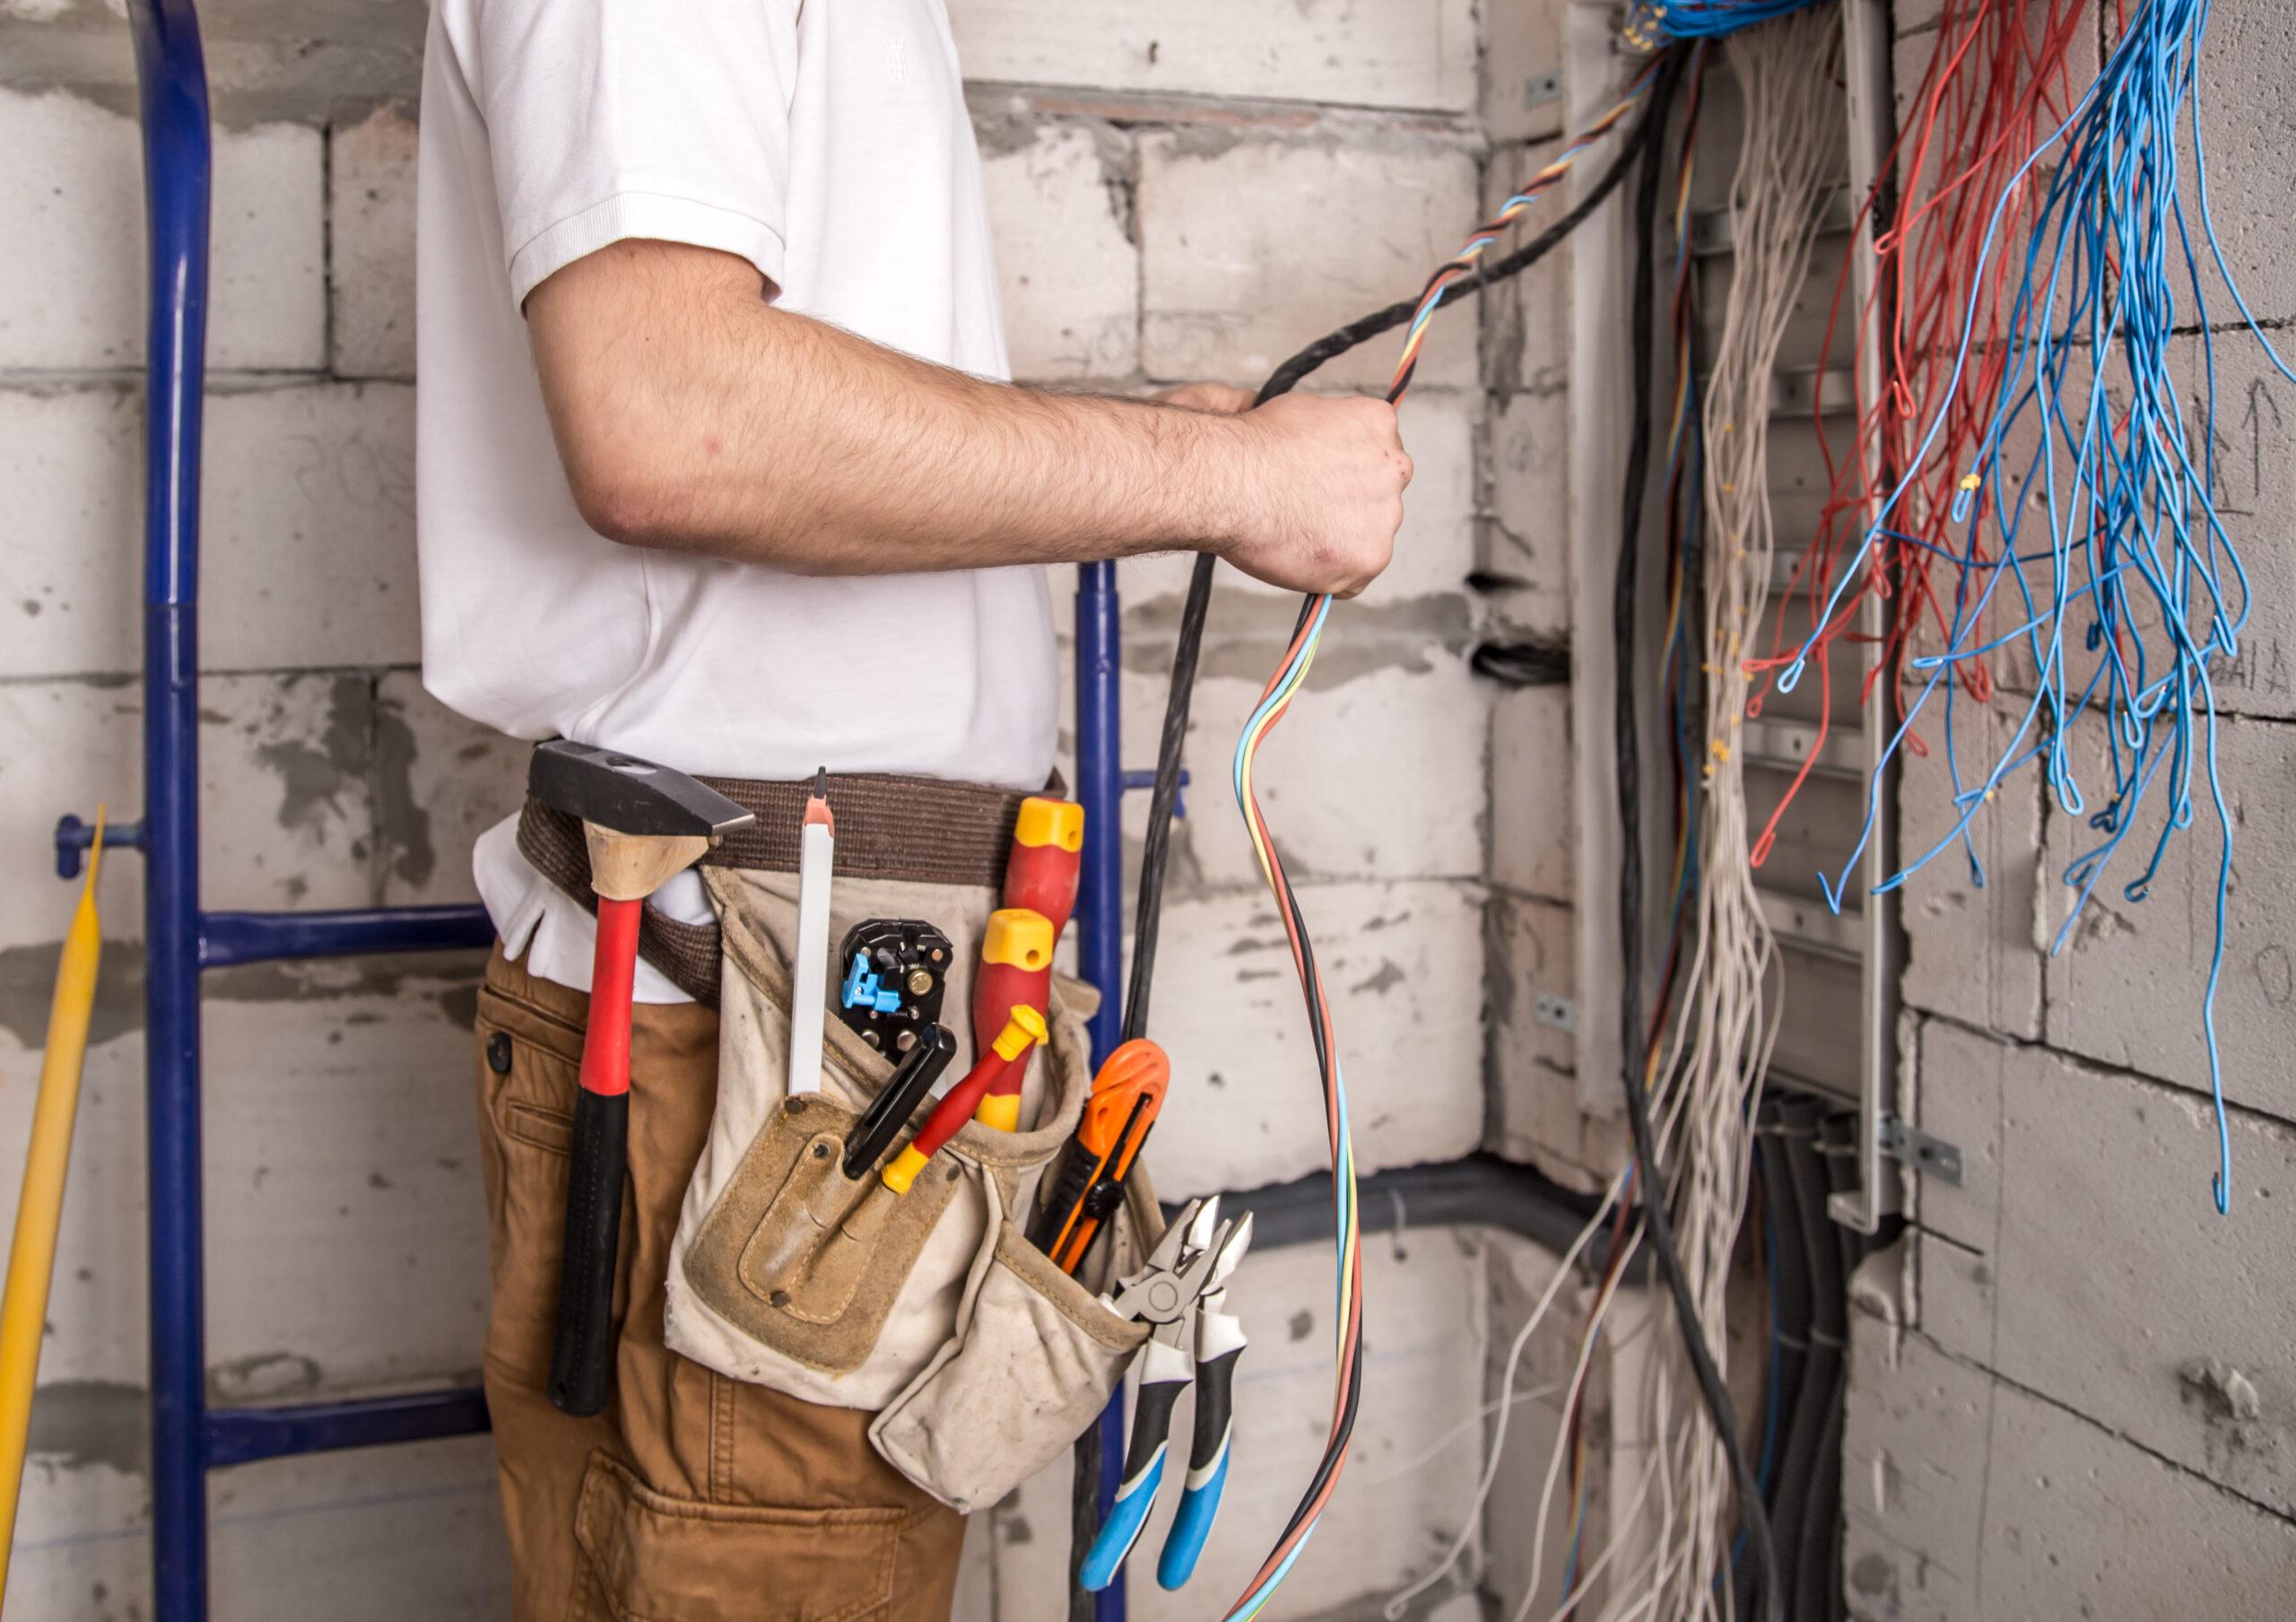 замена электропроводки в квартире, доме, офисе